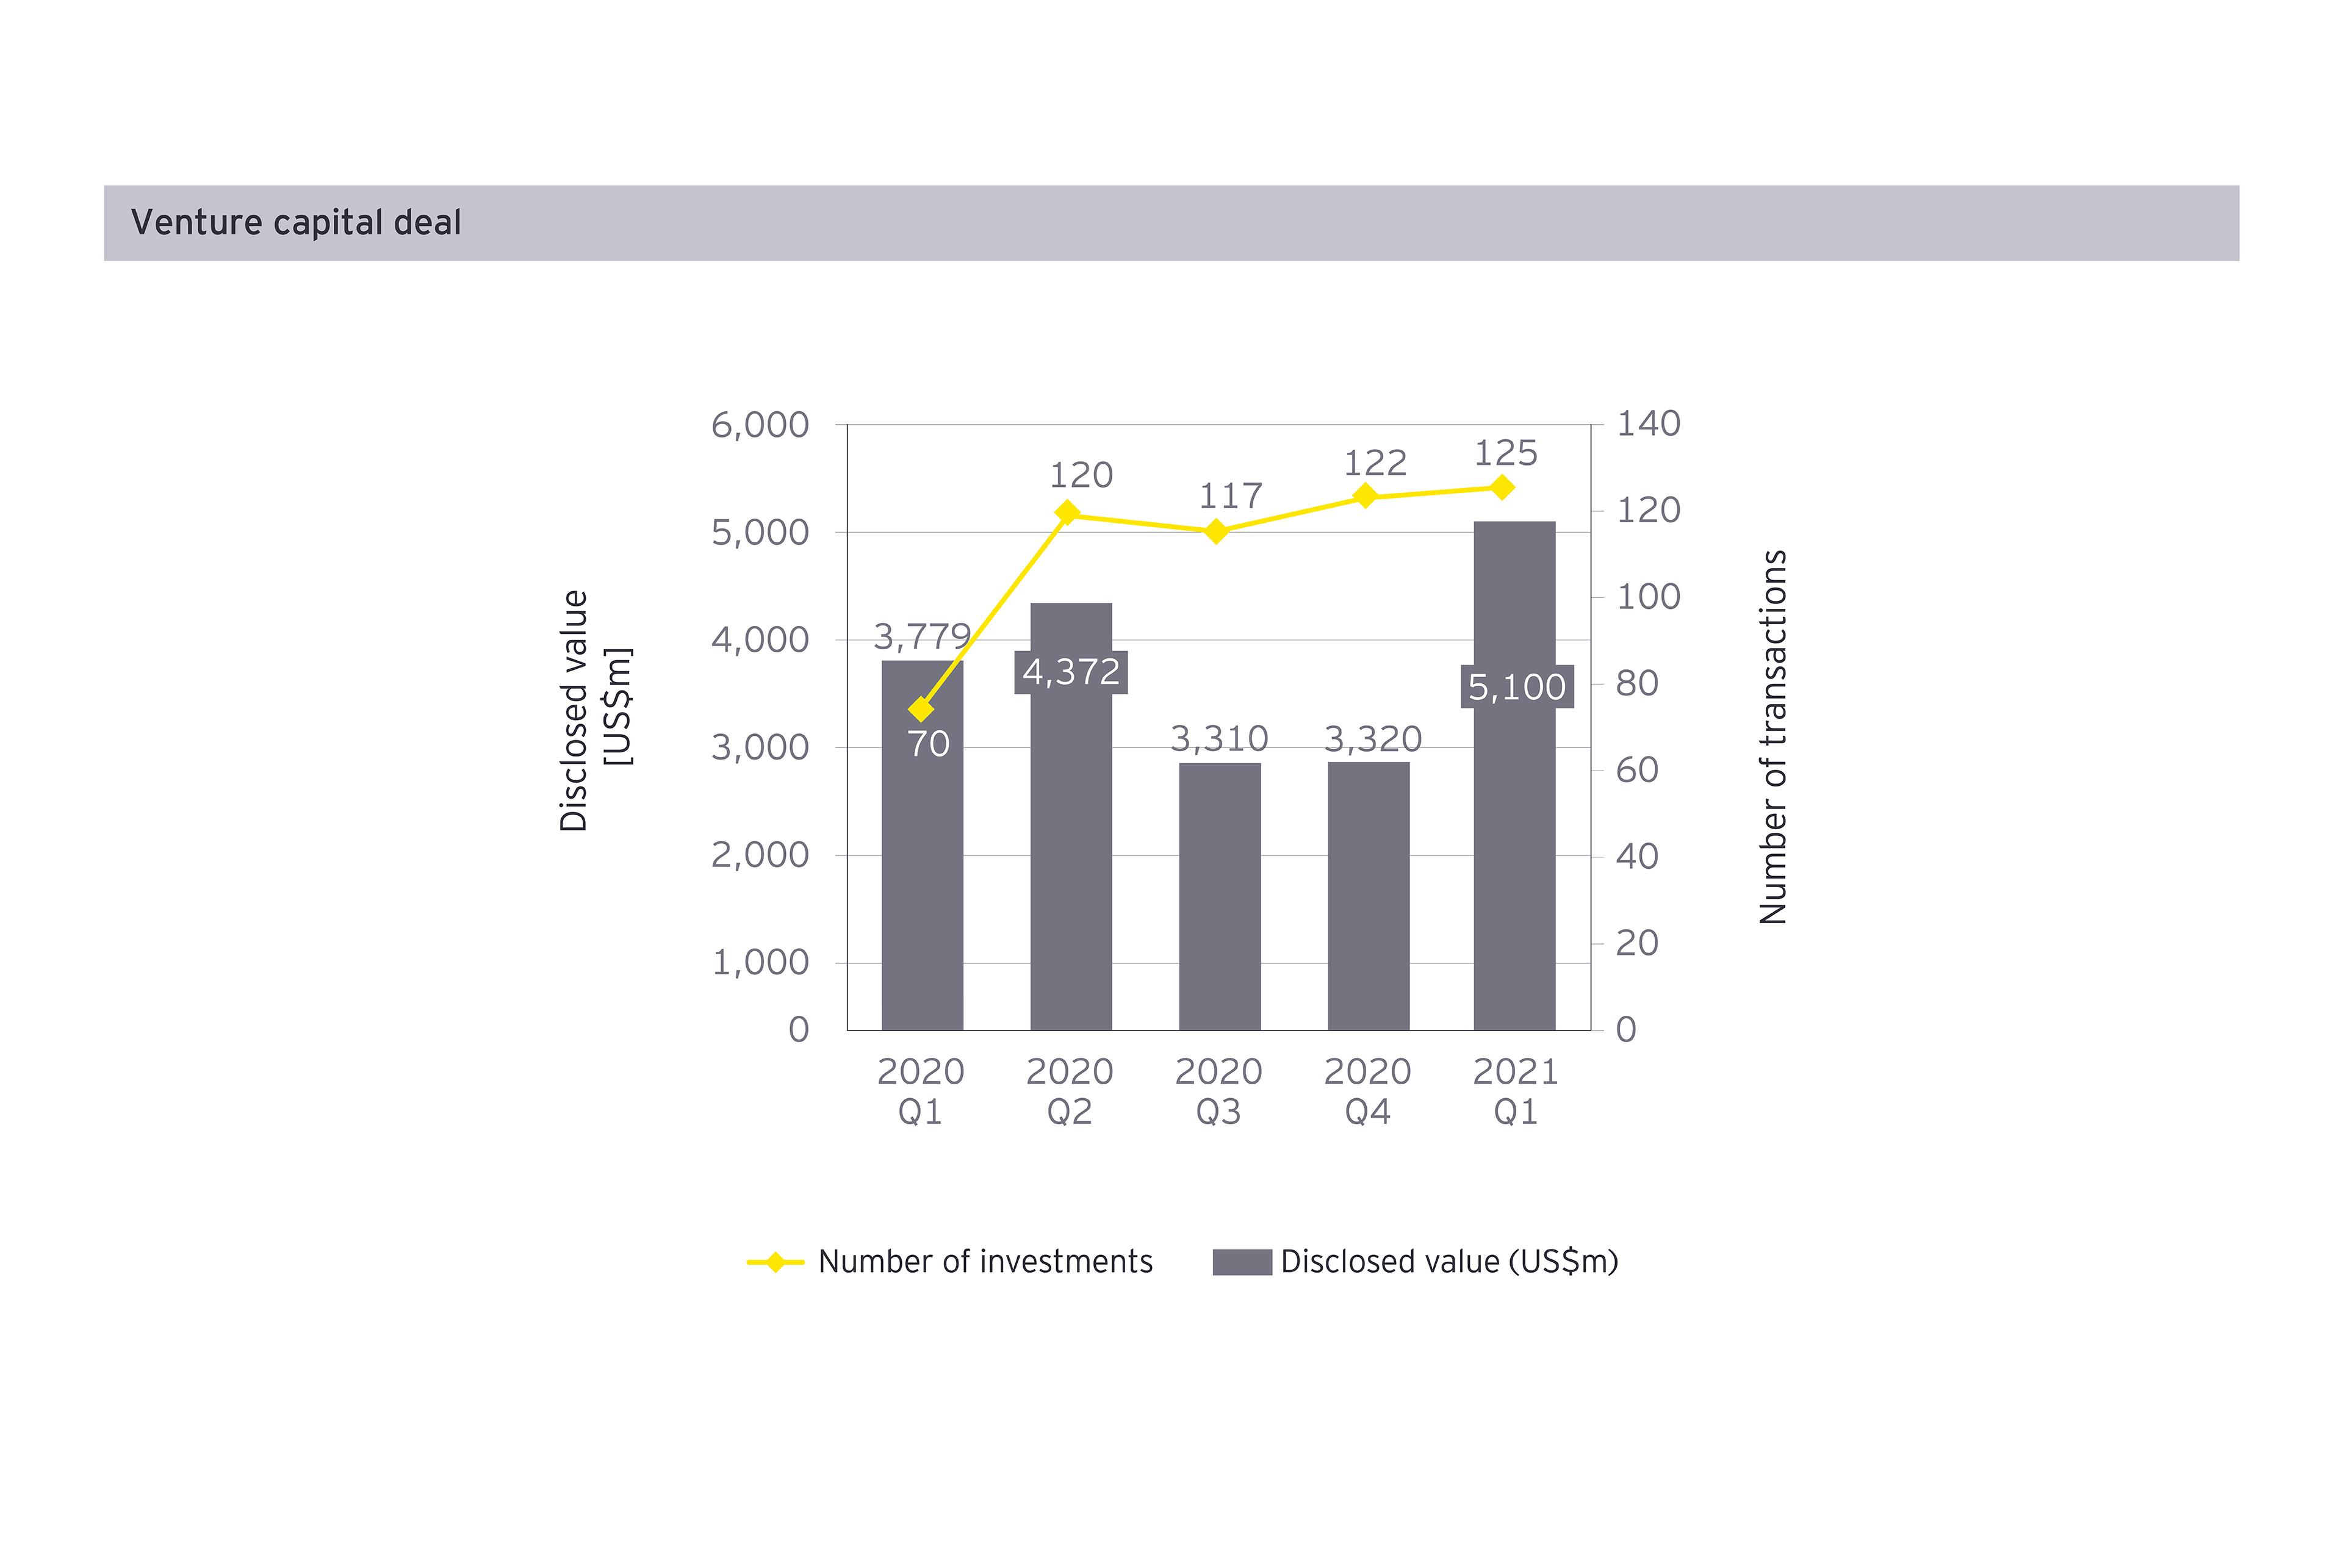 Venture capital deal Q1 2021